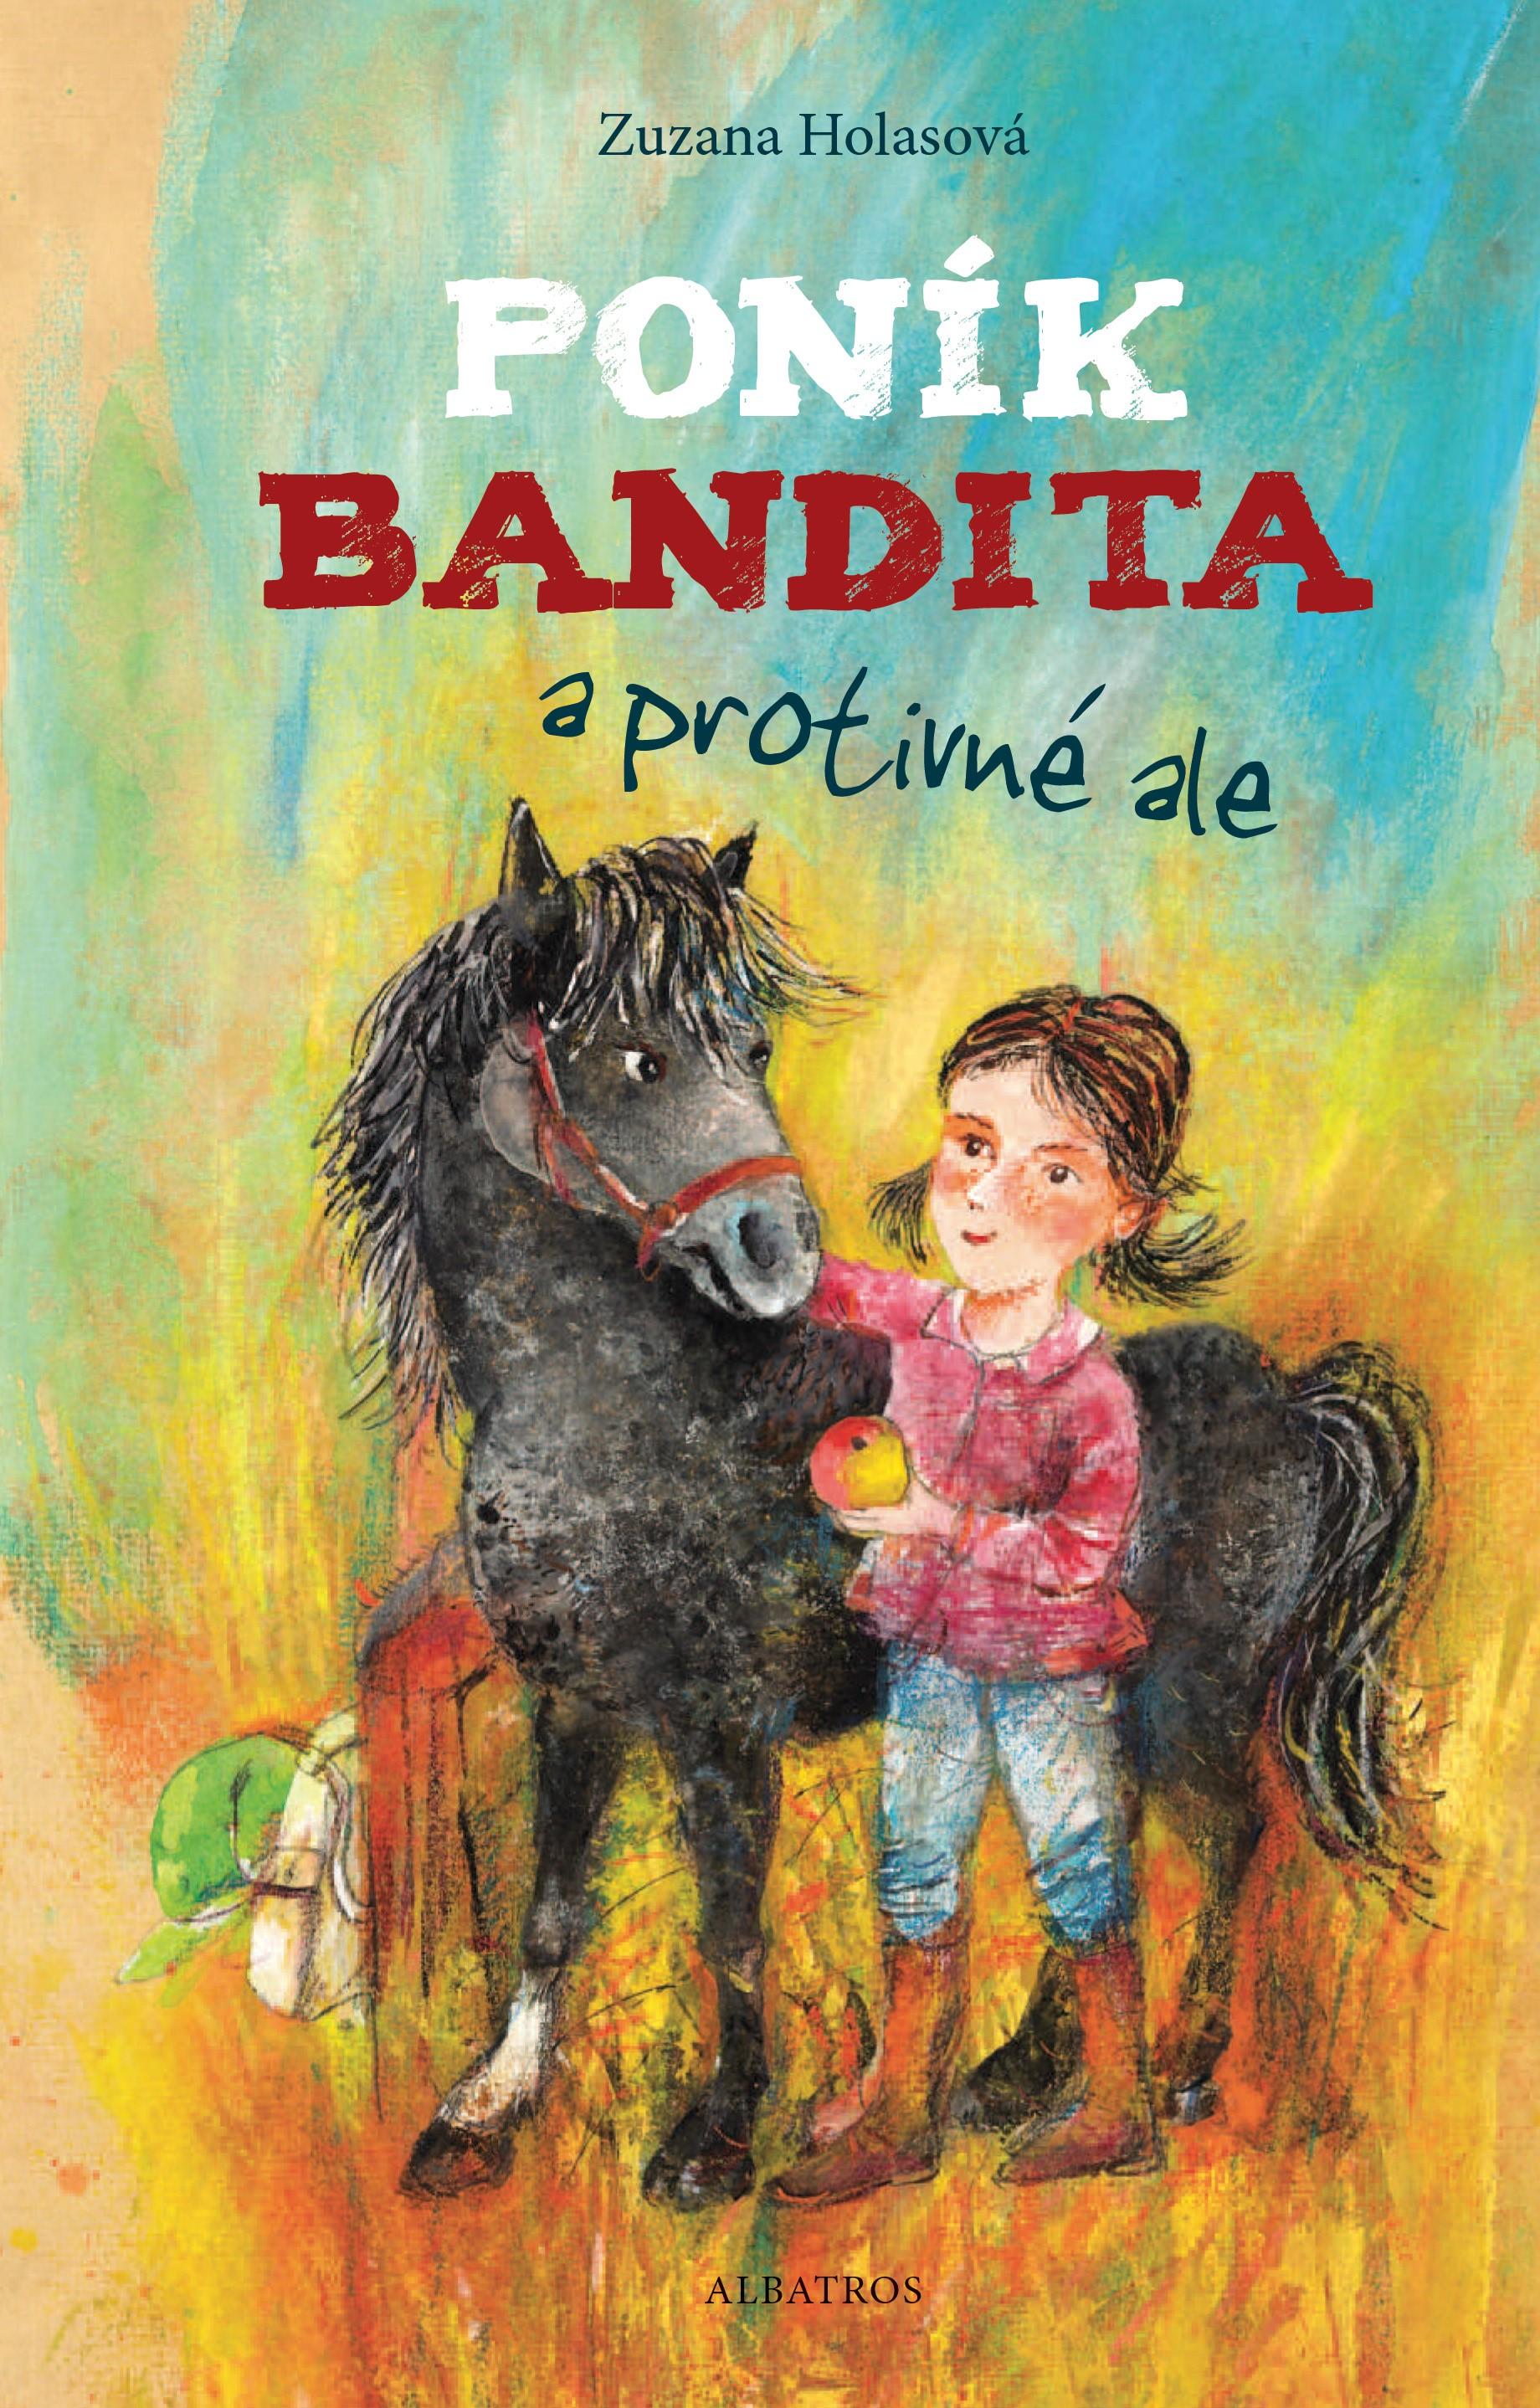 Poník Bandita | Denisa Wagnerová, Zuzana Holasová